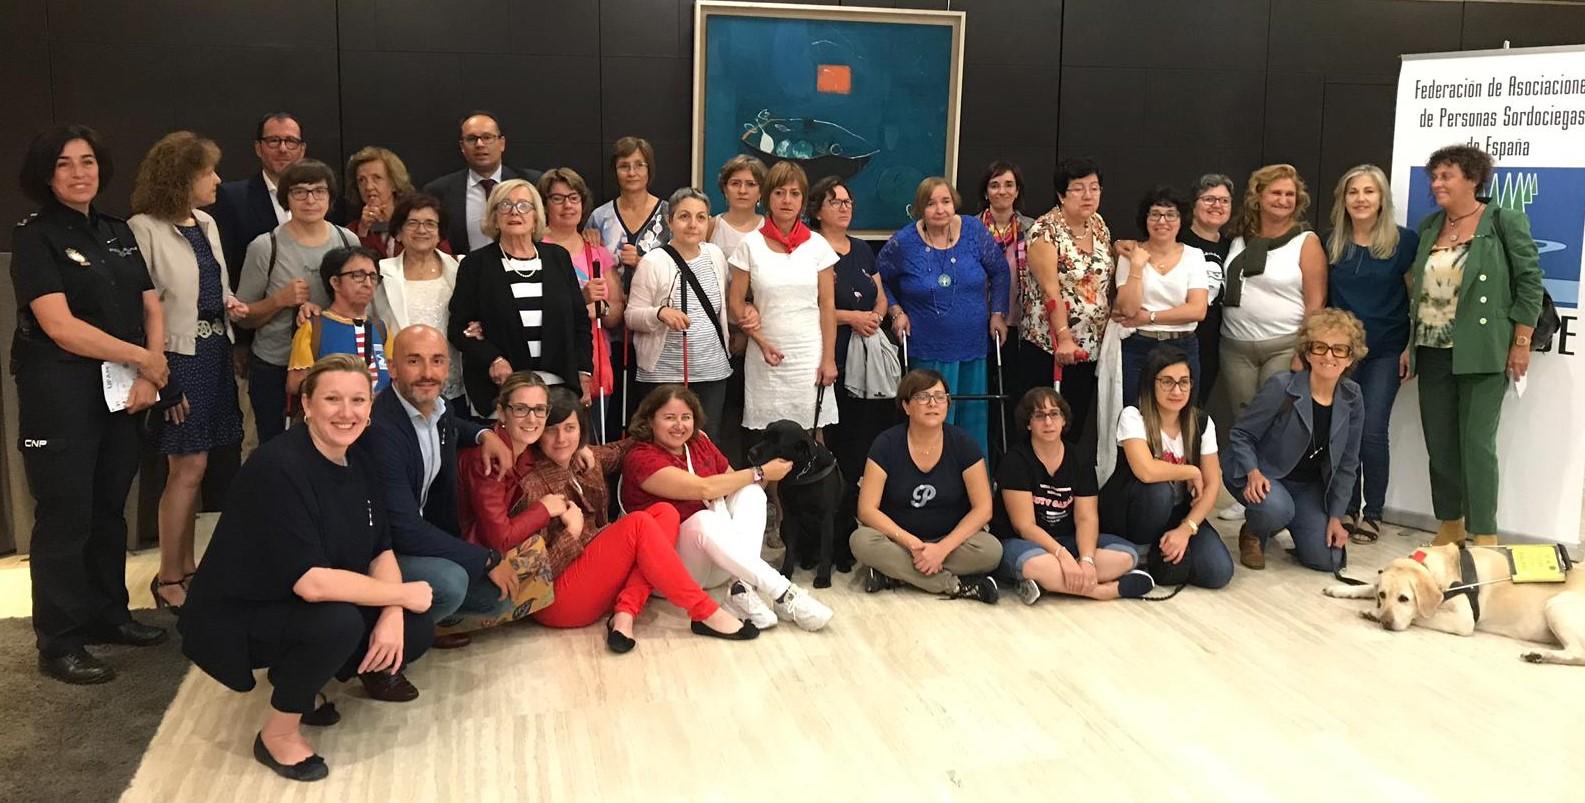 Asistentes y participantes en el encuentro